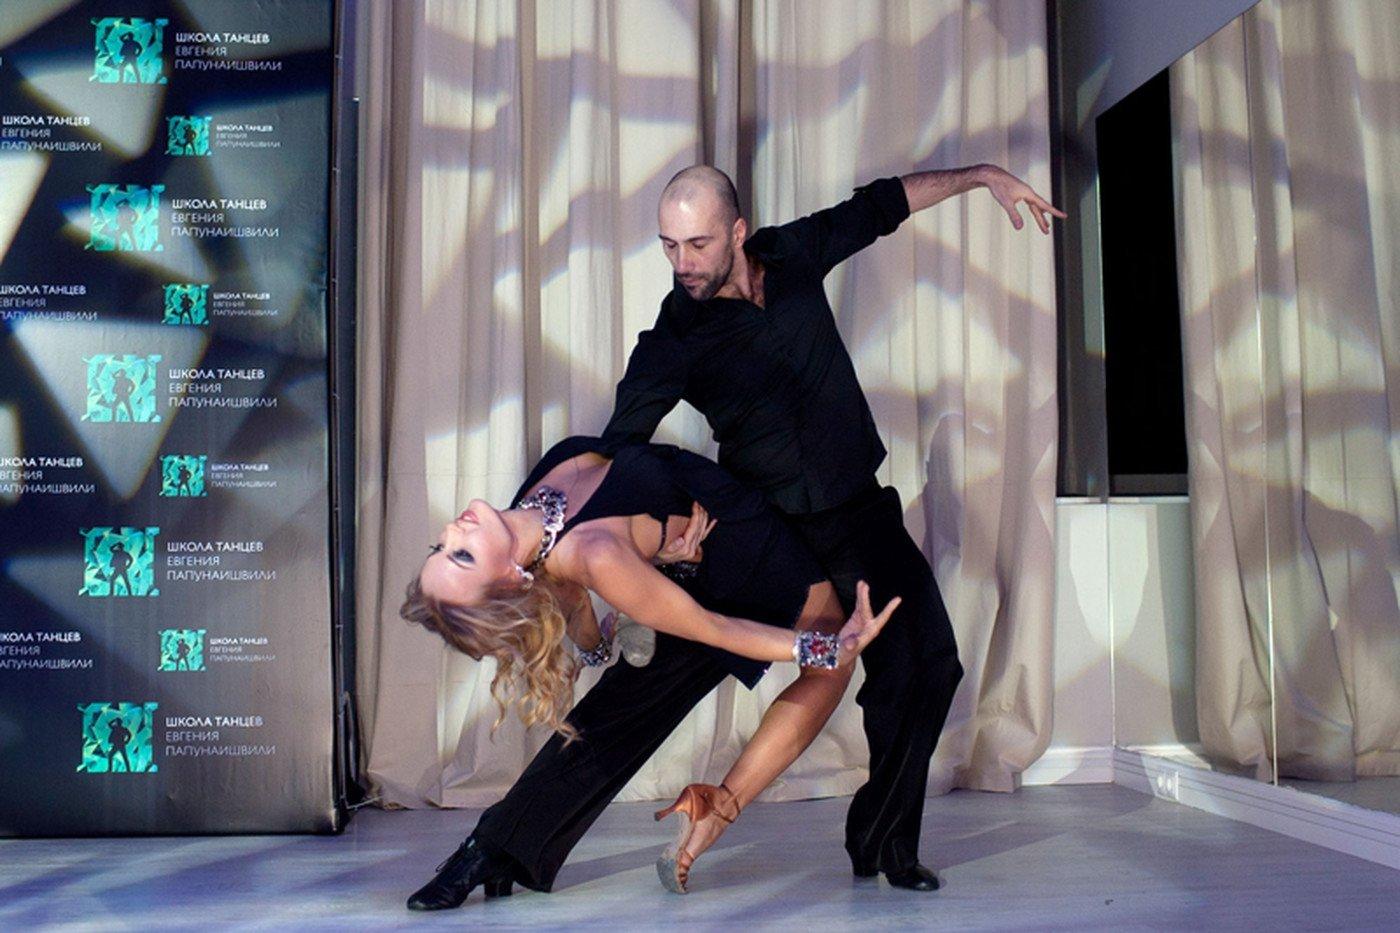 Евгений открыл свою школу танцев